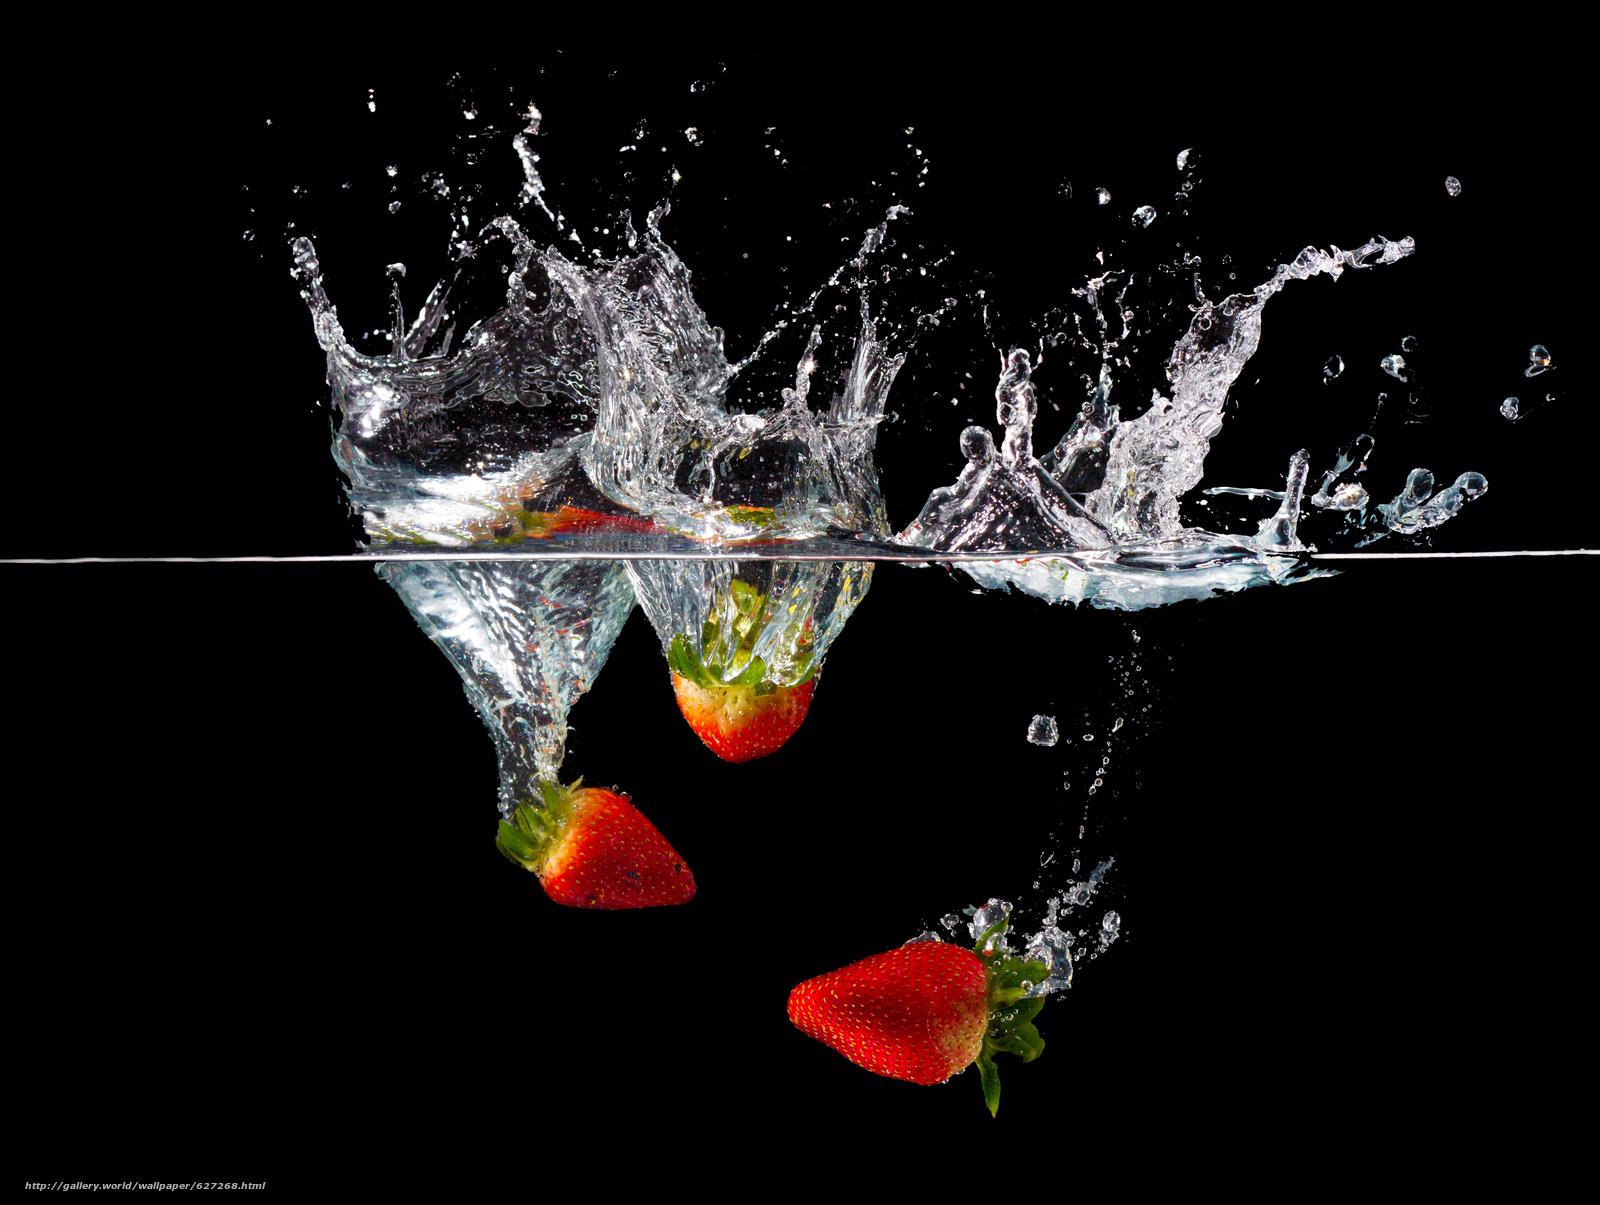 жидкость, вода, клубника, брызги